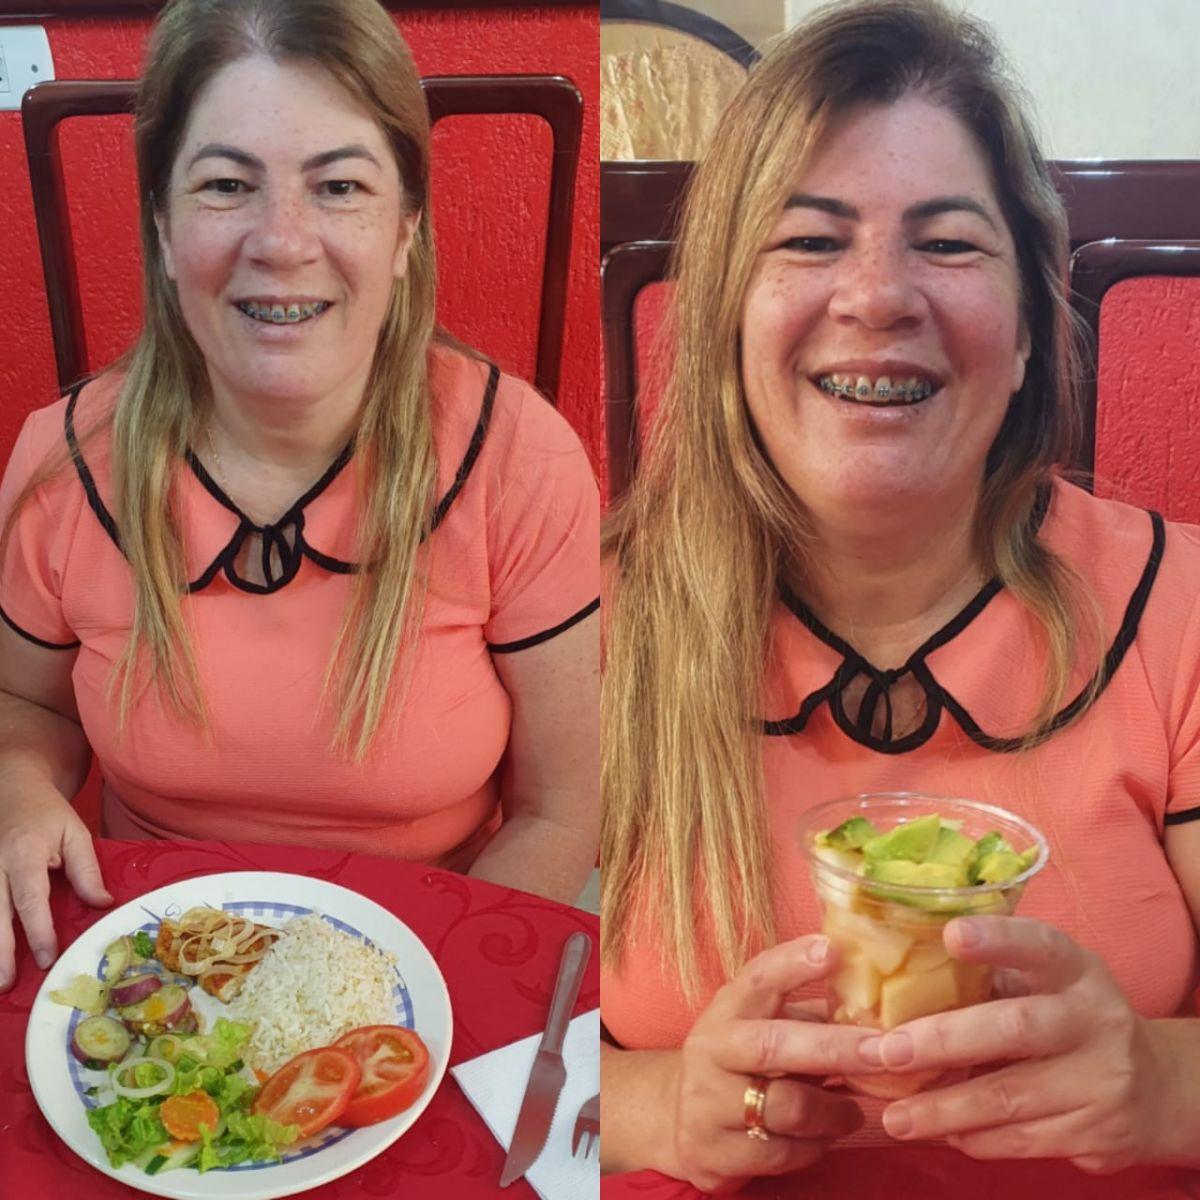 FONTE: A entrevistada Vanda Oliveira incluiu em sua rotina pratos saudáveis como legumes e verduras no almoço, além de frutas no café da tarde/CRÉDITOS: Tatieny Oliveira